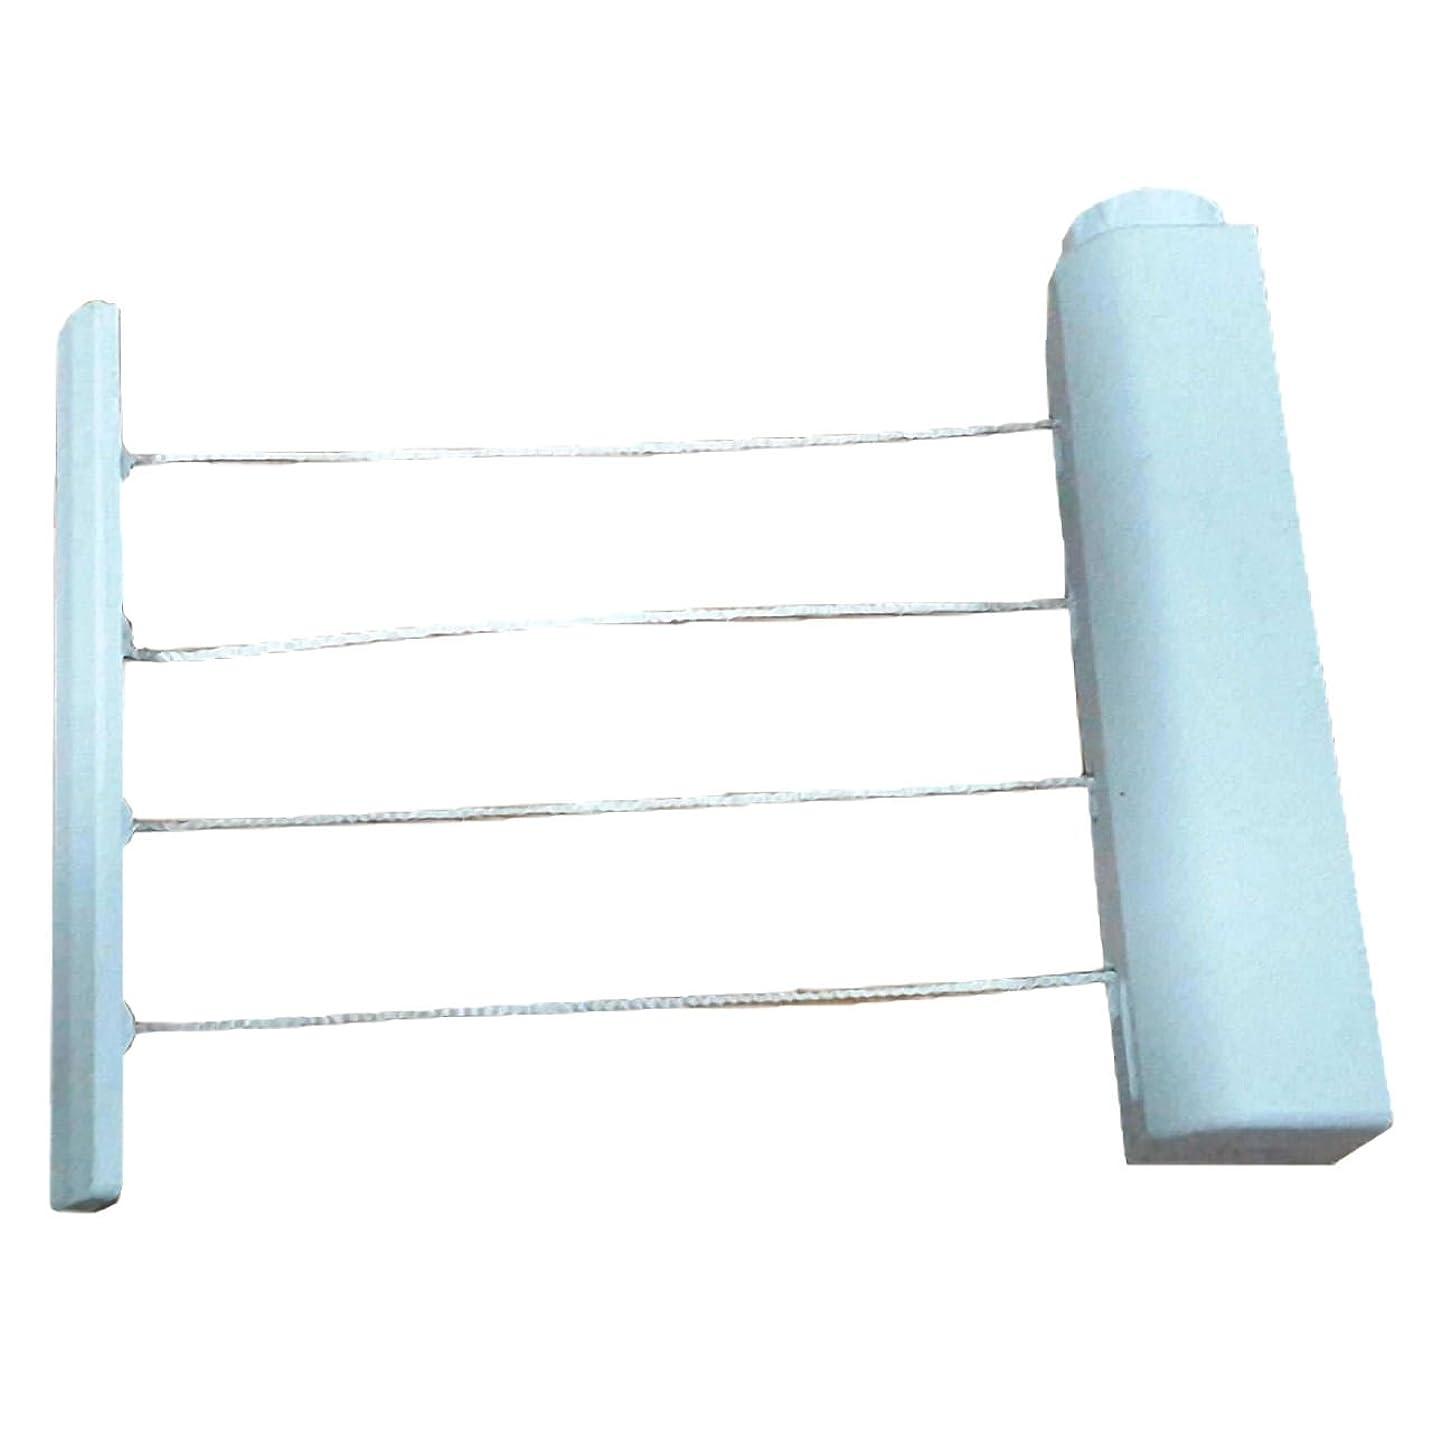 バレル好み罪悪感Felimoa 洗濯ロープ 4連 省スペースでたくさん干せる 室内物干しワイヤー 収納コンパクトで見た目スッキリ